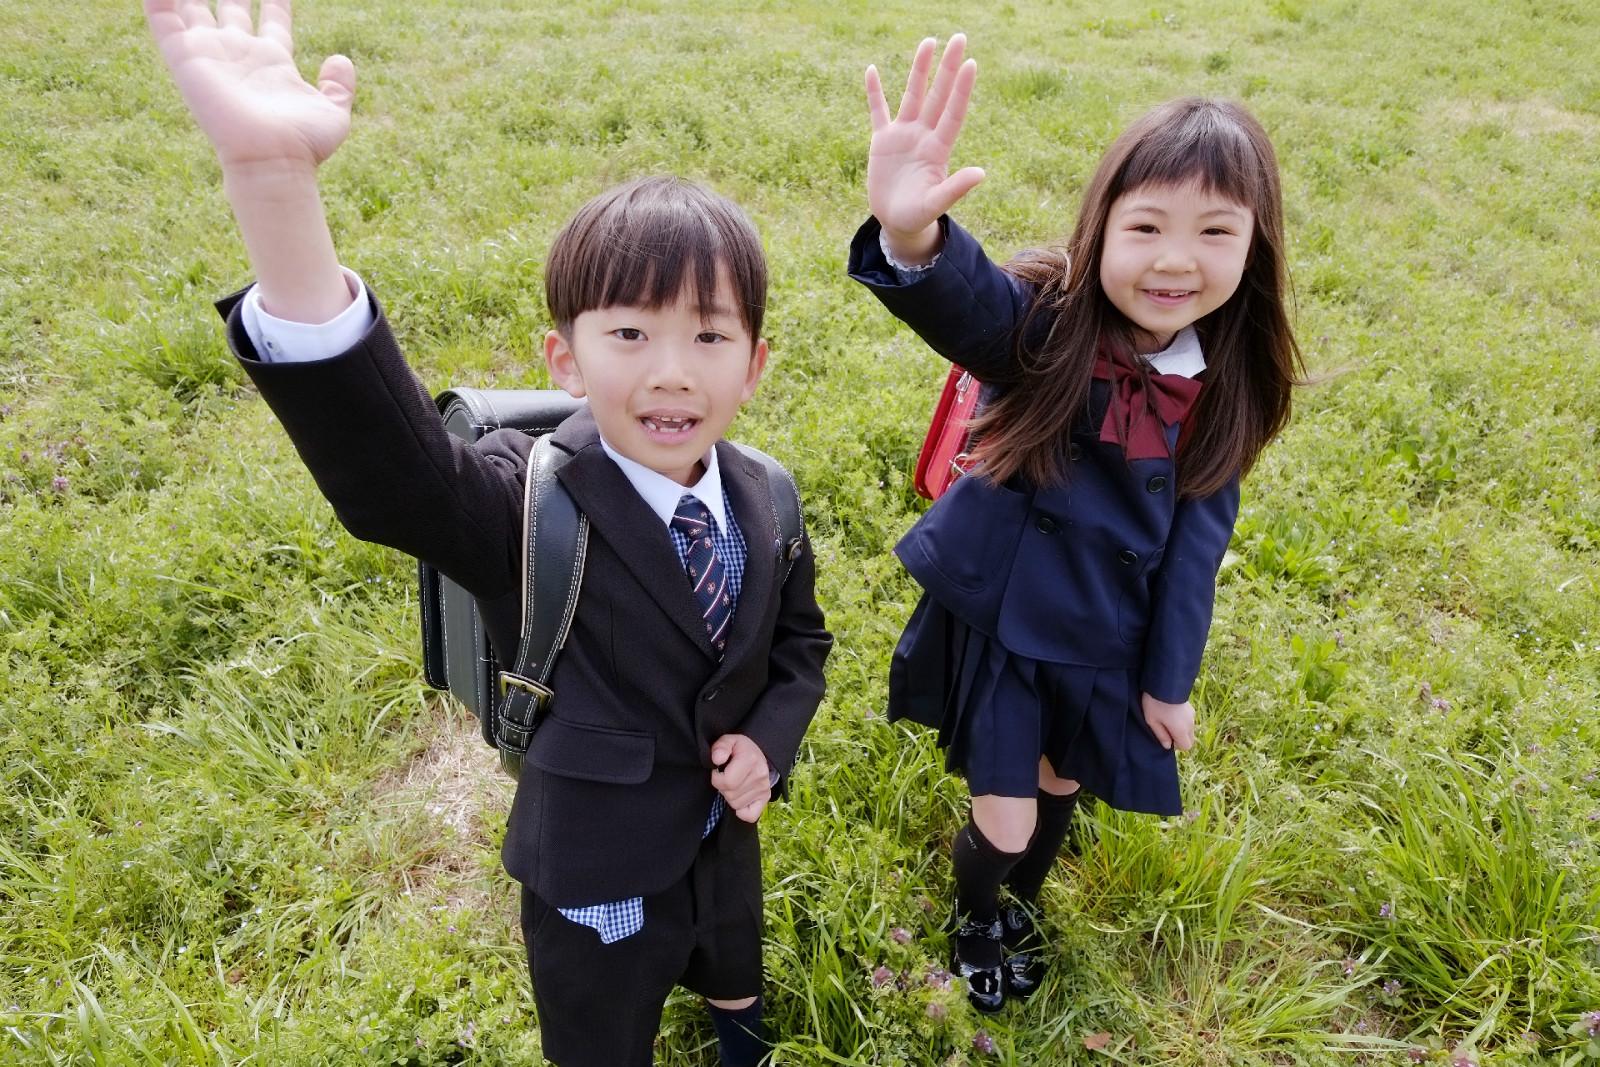 日本の教育の大転換!?義務教育の多様化・自由化がはじまる!-学校だけが義務教育の担い手ではない時代へ